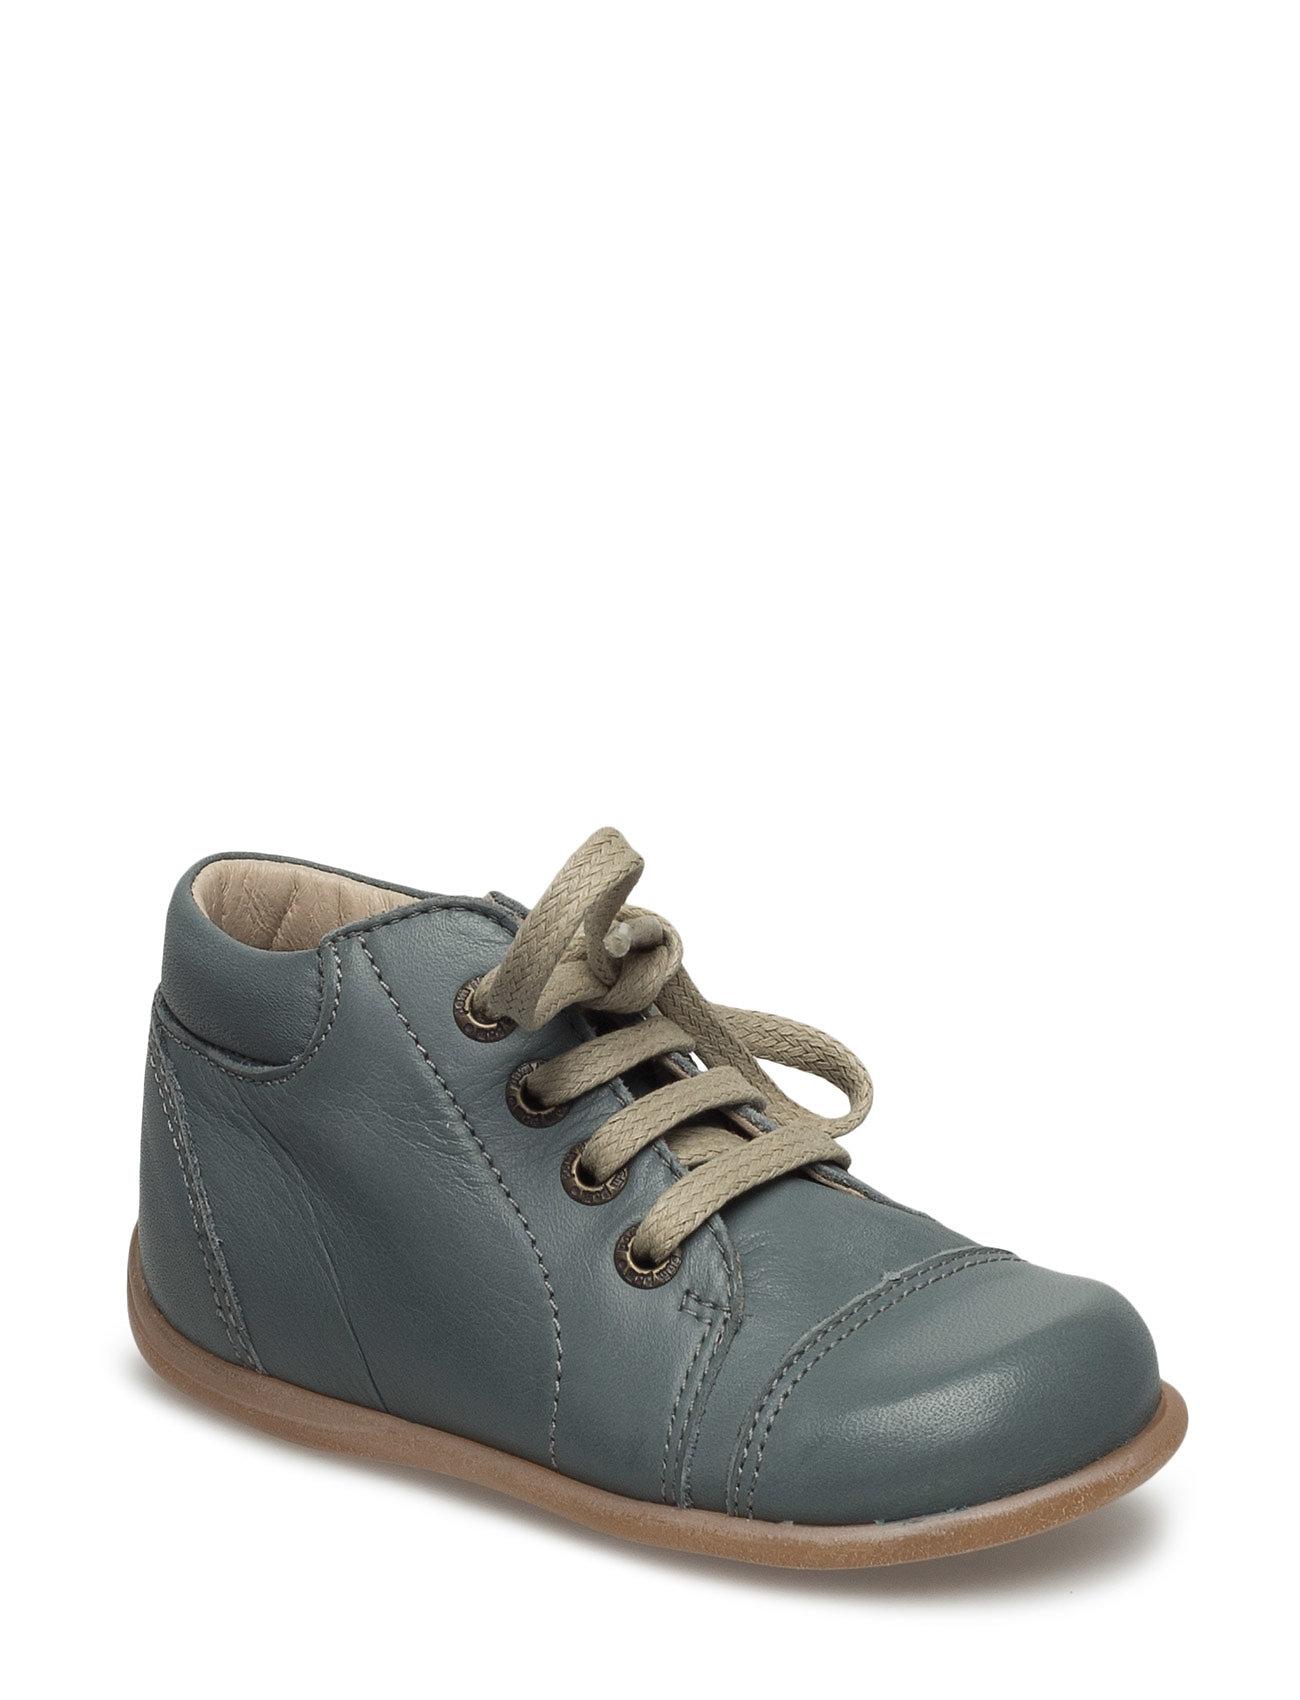 Shoes Pom pom Sko & Sneakers til Børn i Kamel